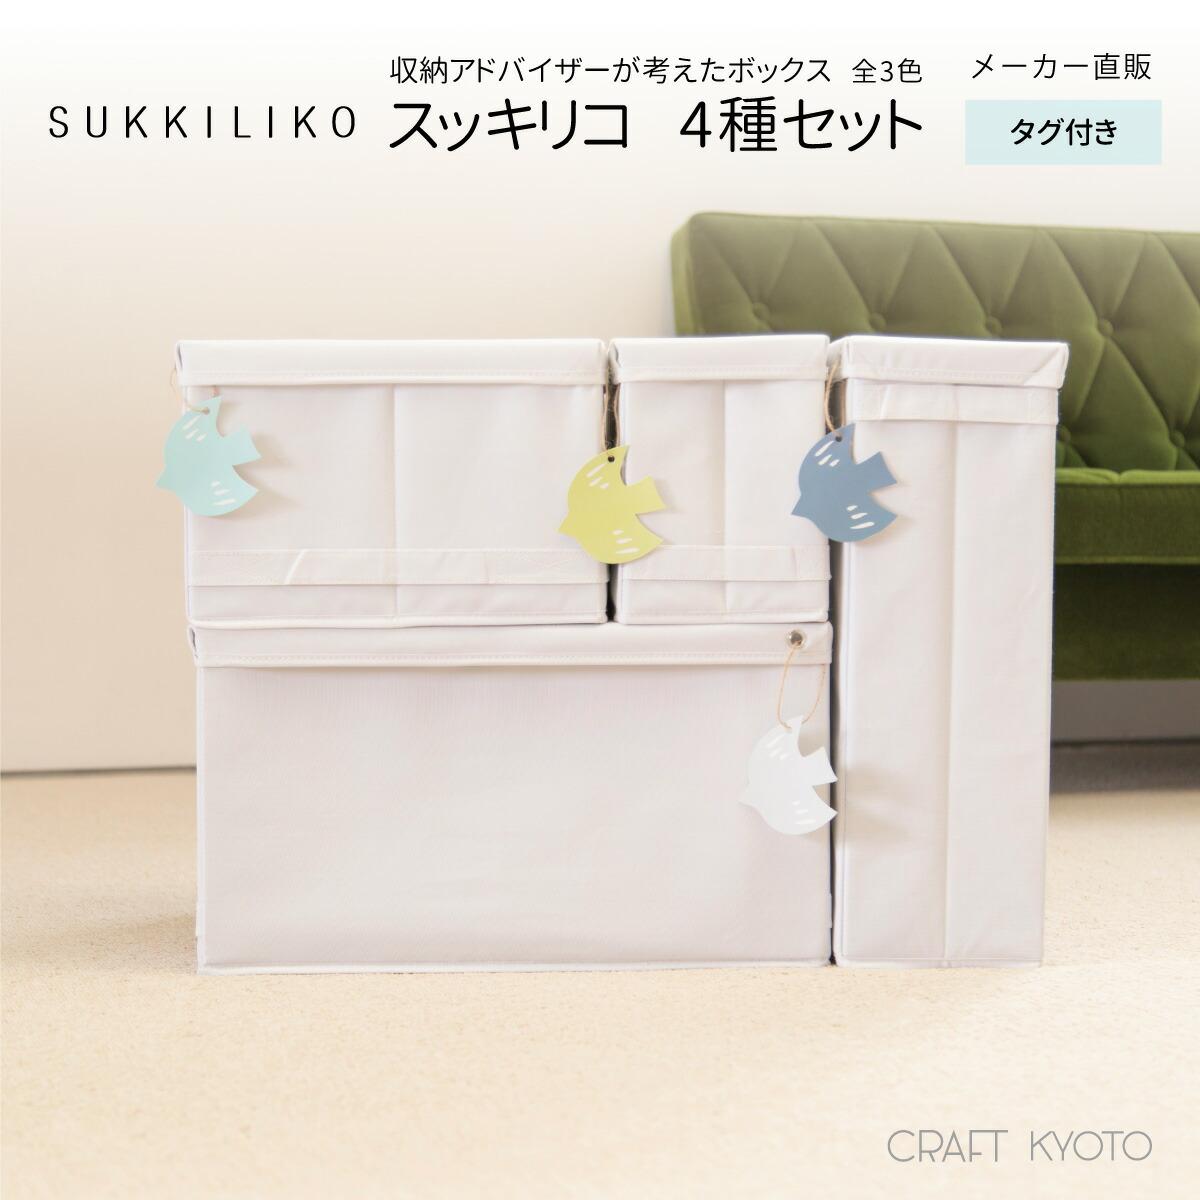 SUKKILIKO スッキリコ ボックス S.M.L.縦サイズアソートセット